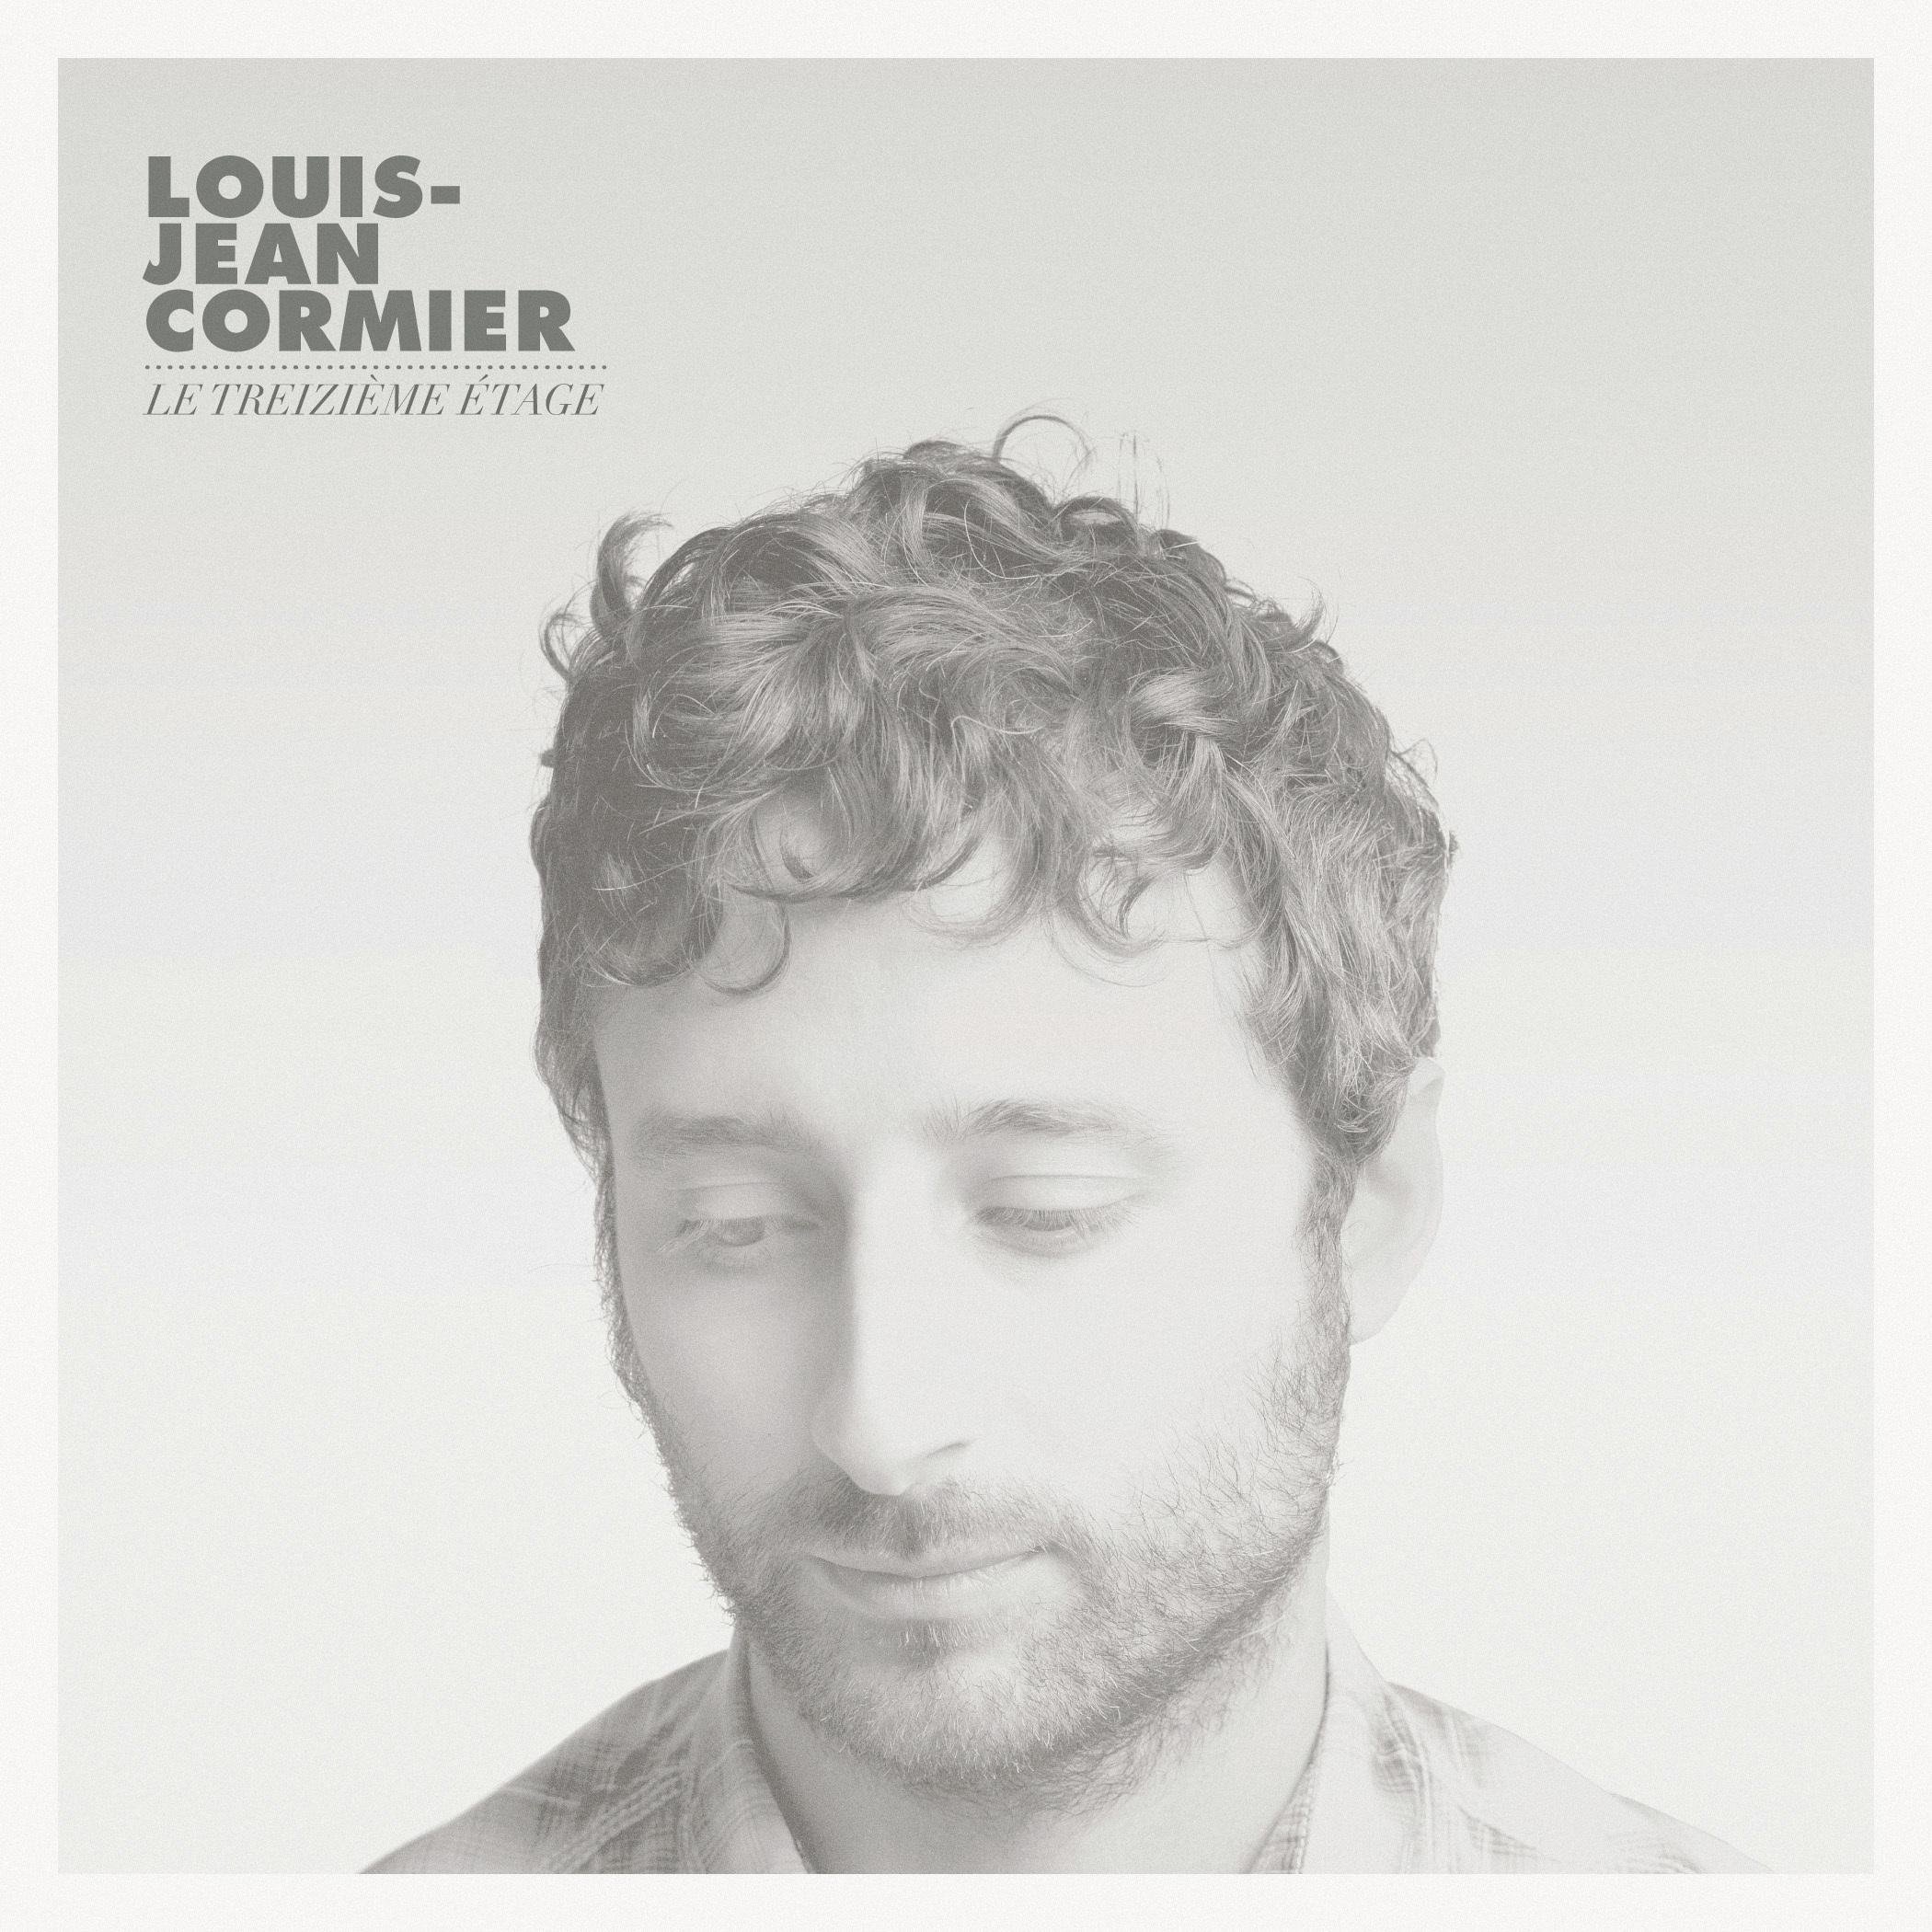 Louis Jean Cormier Le Treizieme Etage